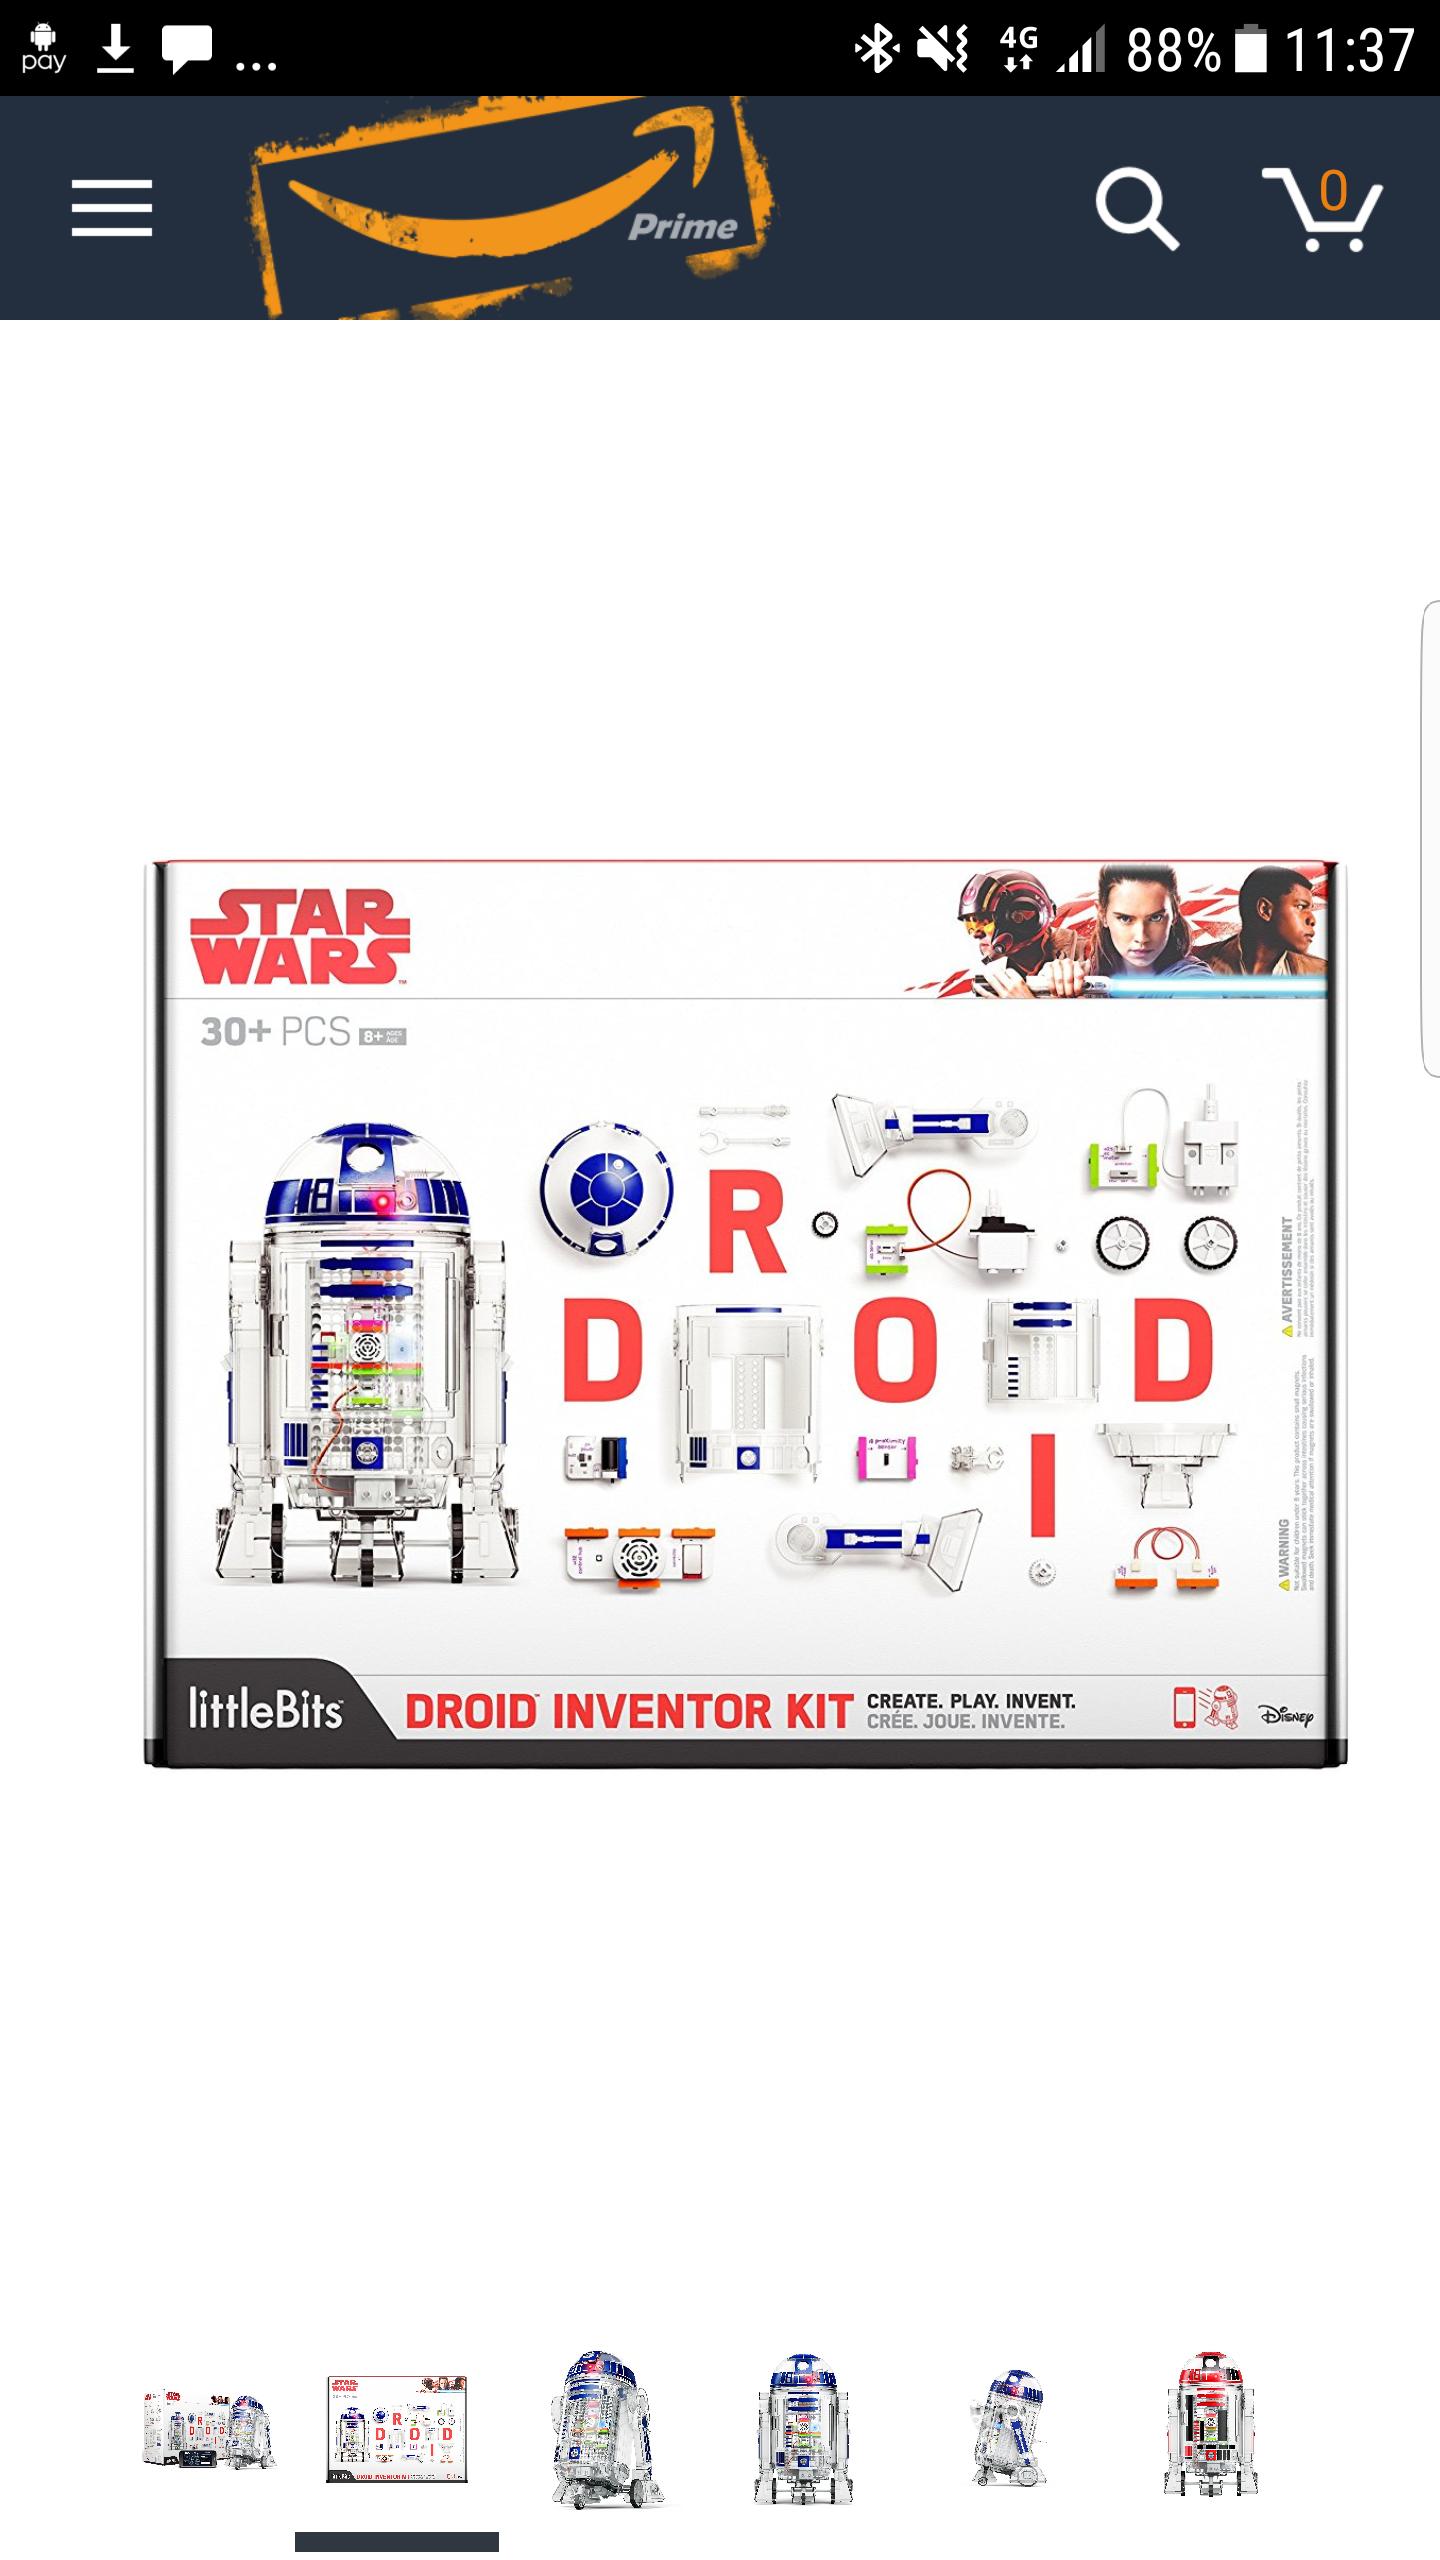 littleBitsStar Wars Droid Inventor Kit £83.56 @ Amazon